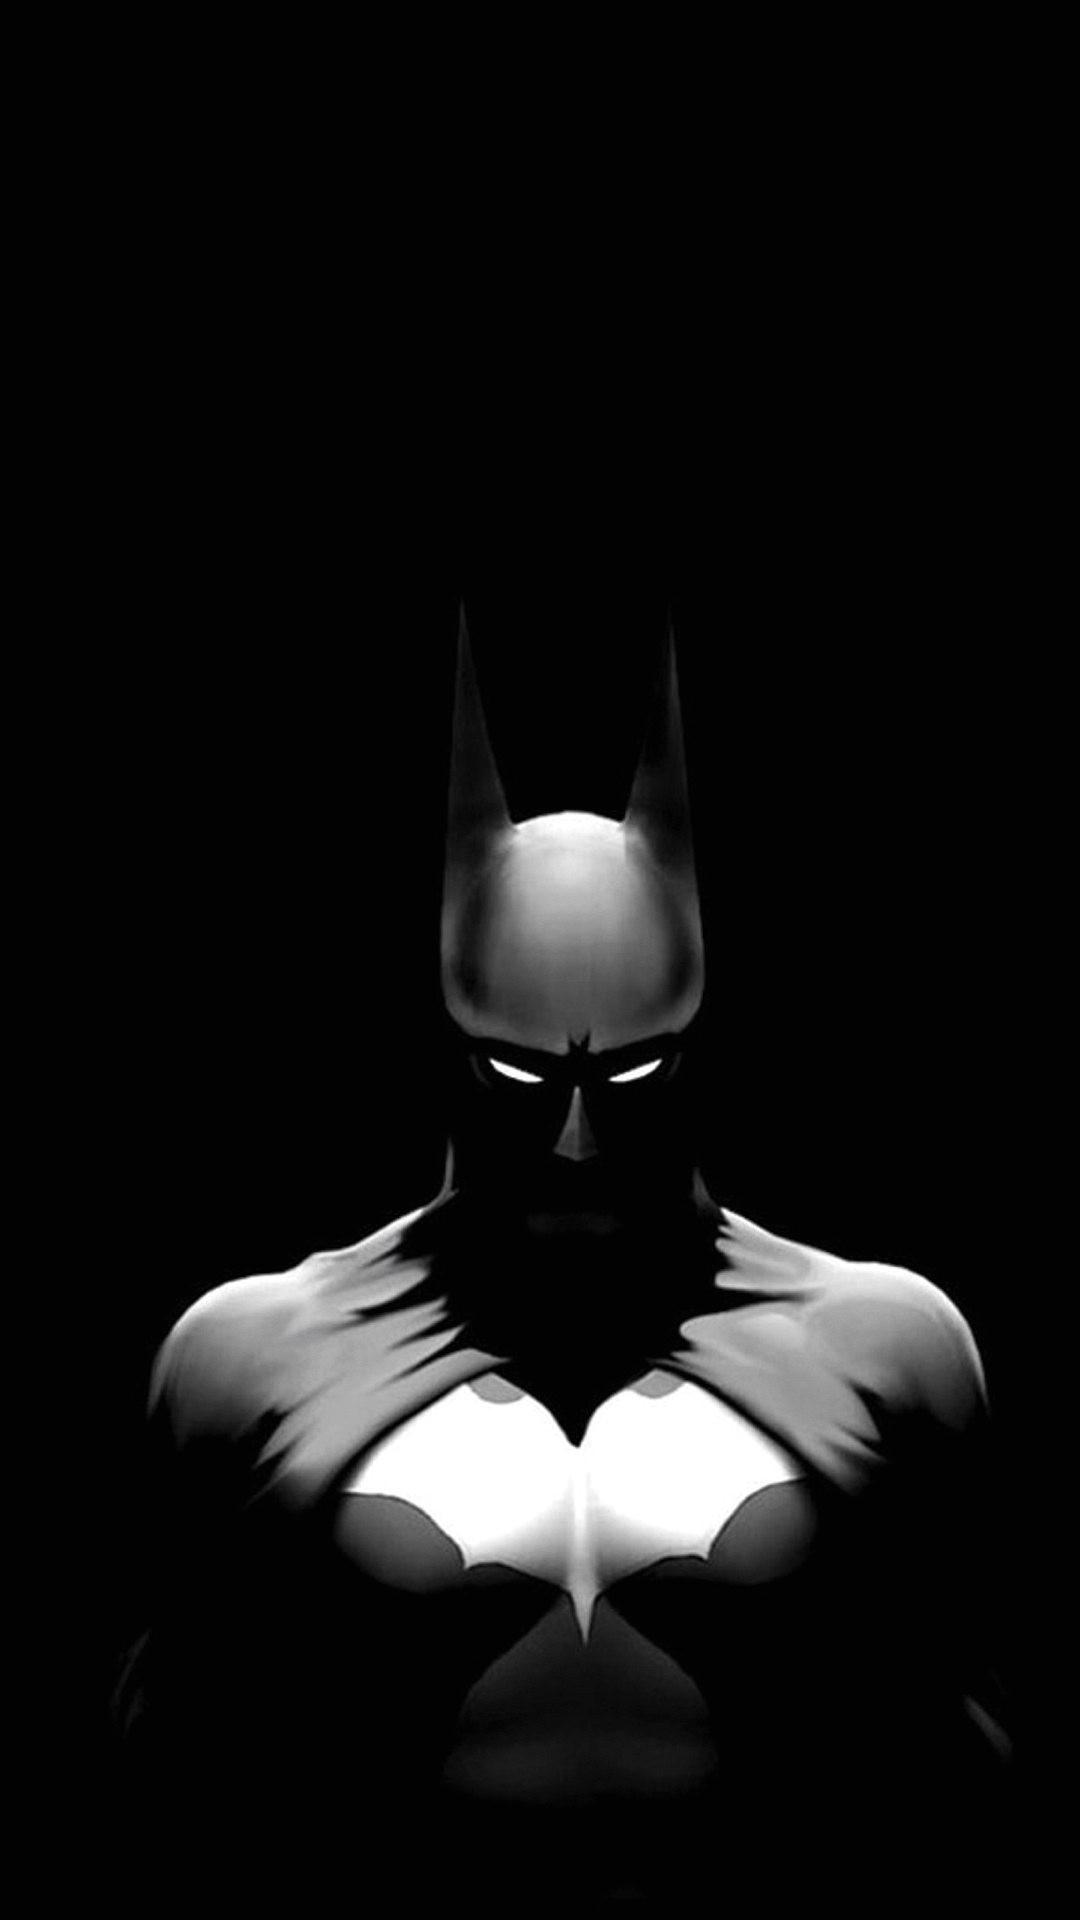 Res: 1080x1920, Batman 1080P Phone Hd Wallpaper - image #732221